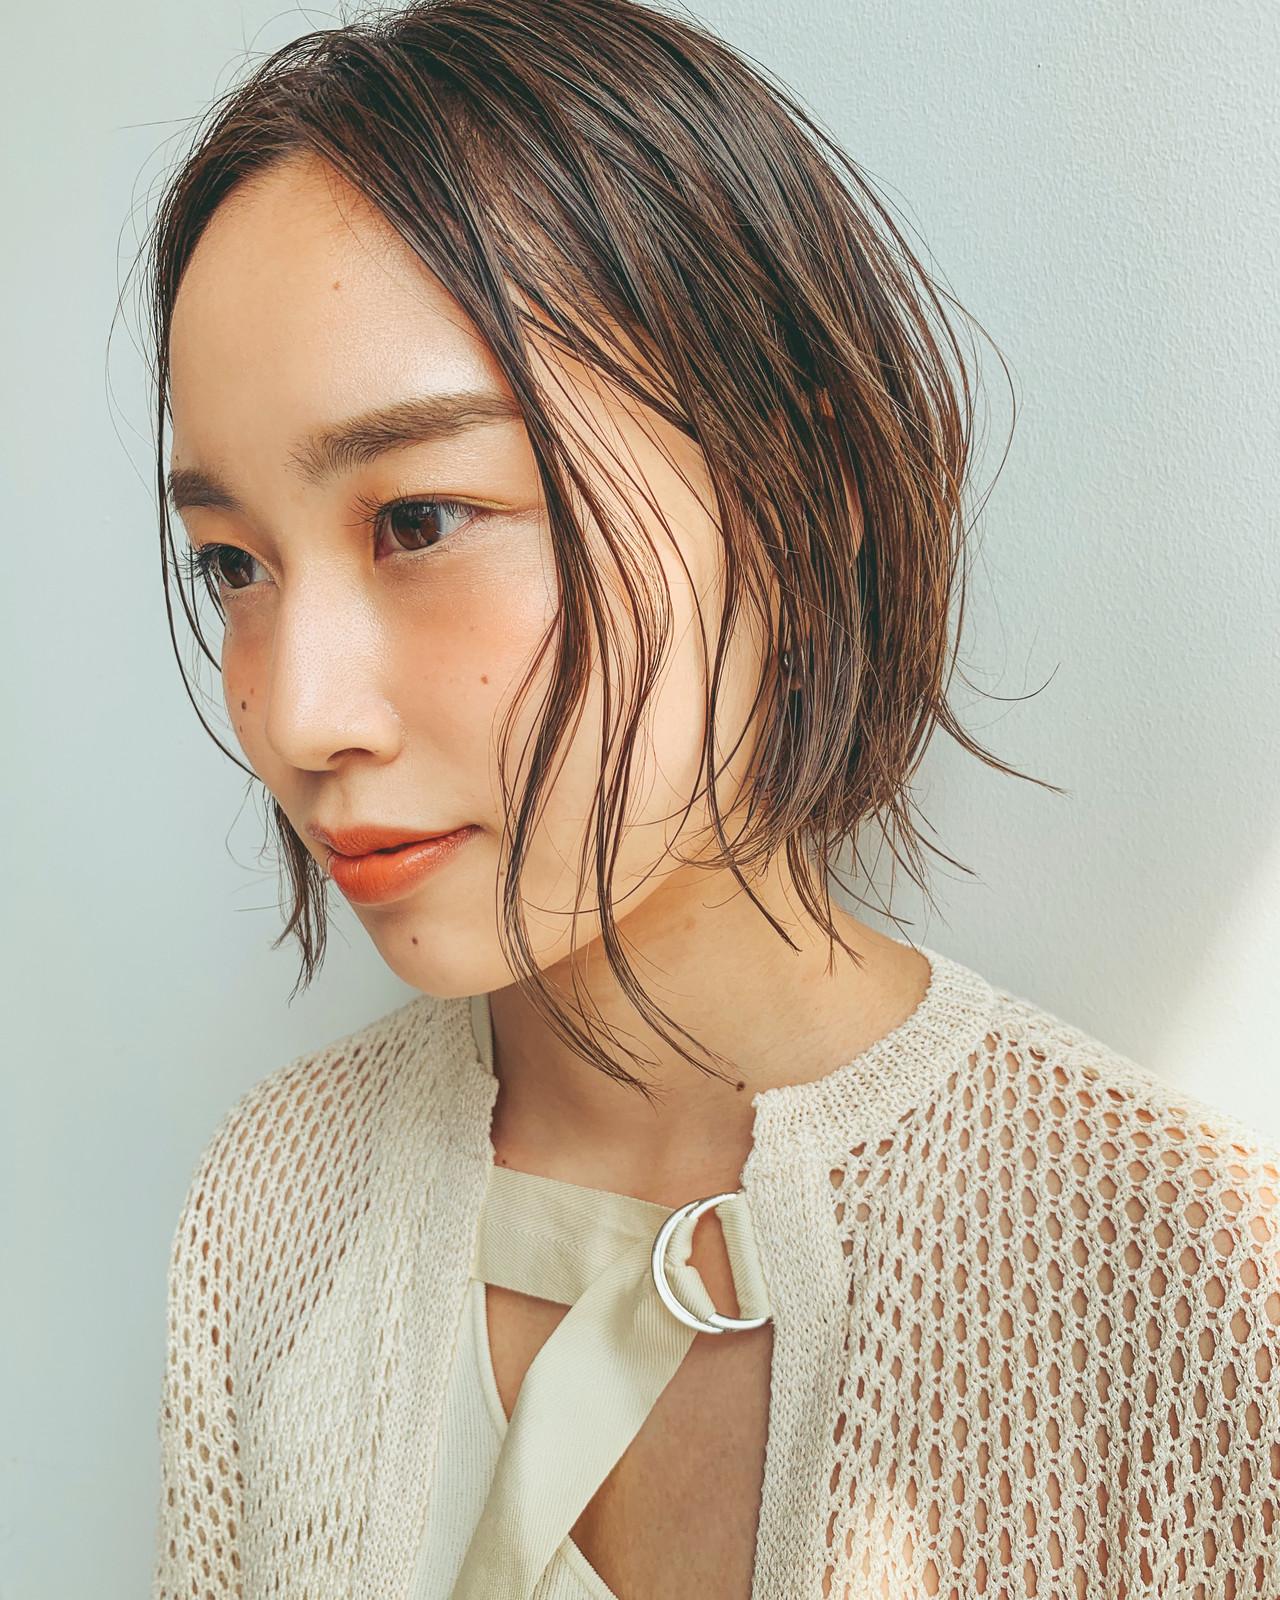 スポーツ ナチュラル オフィス デート ヘアスタイルや髪型の写真・画像 | YUJI / LIICHI / LIICHI (リイチ)